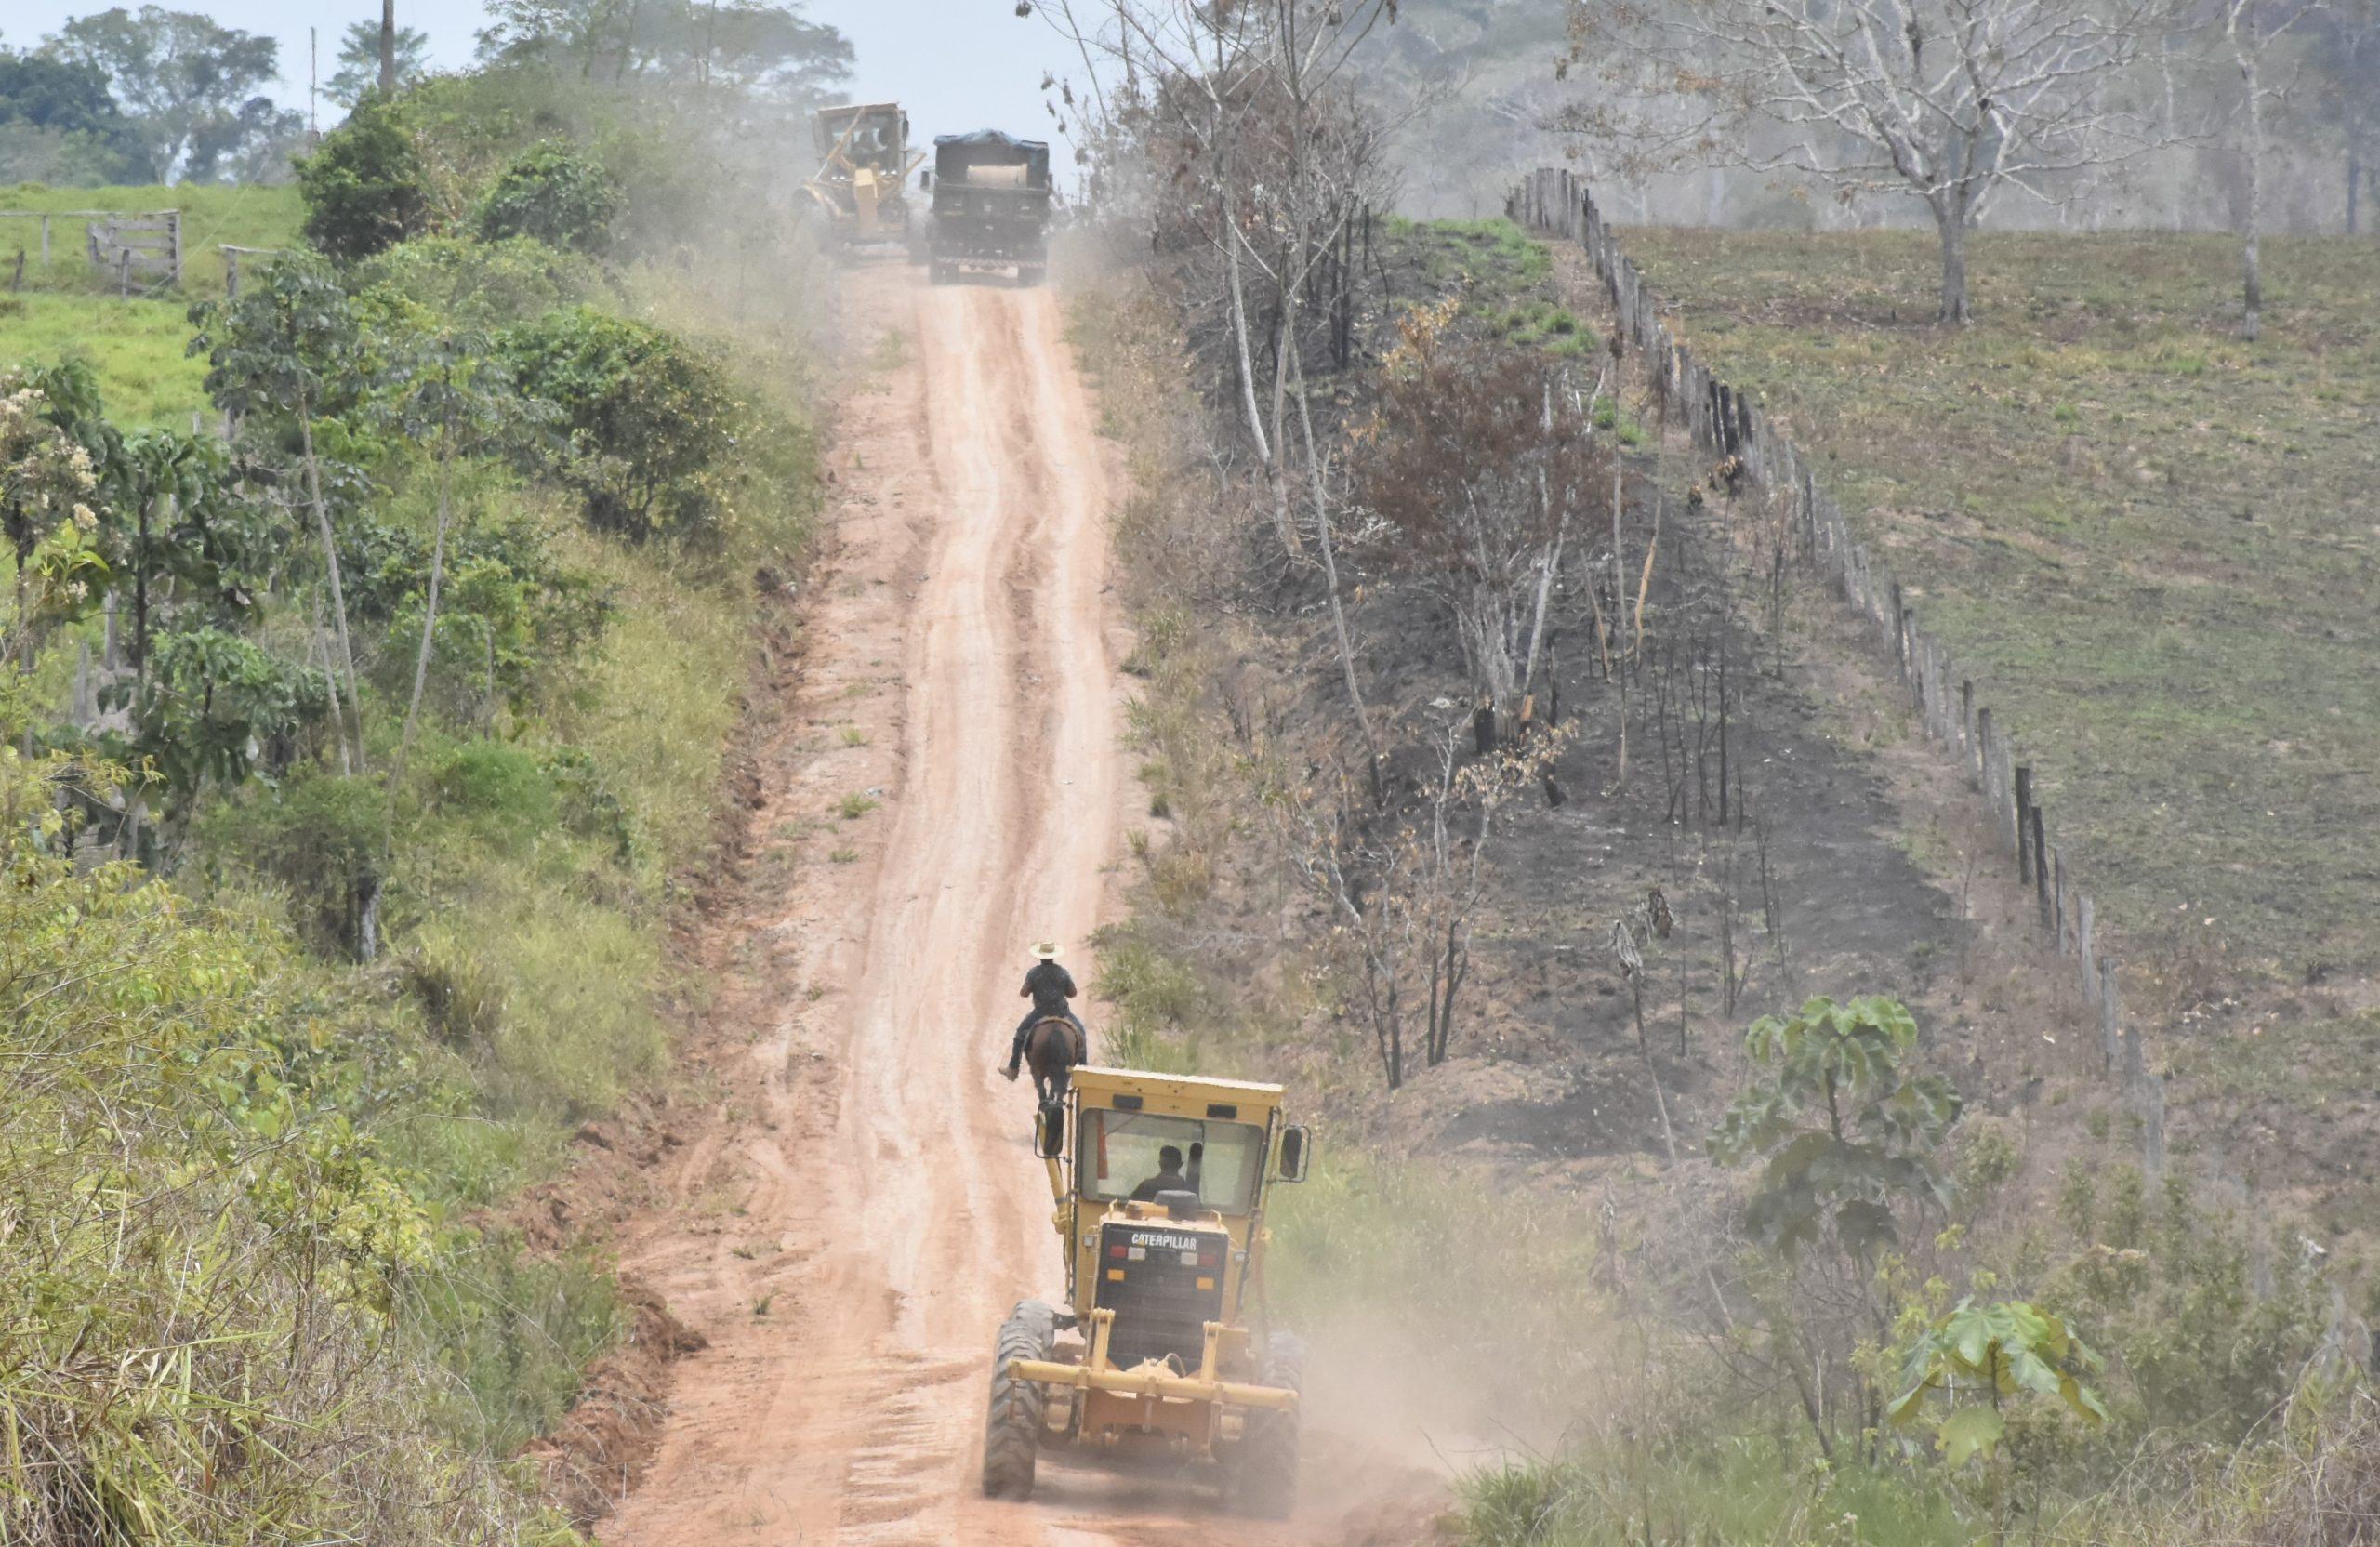 Governo e prefeitura seguem com Operação Força Máxima na Transacreana